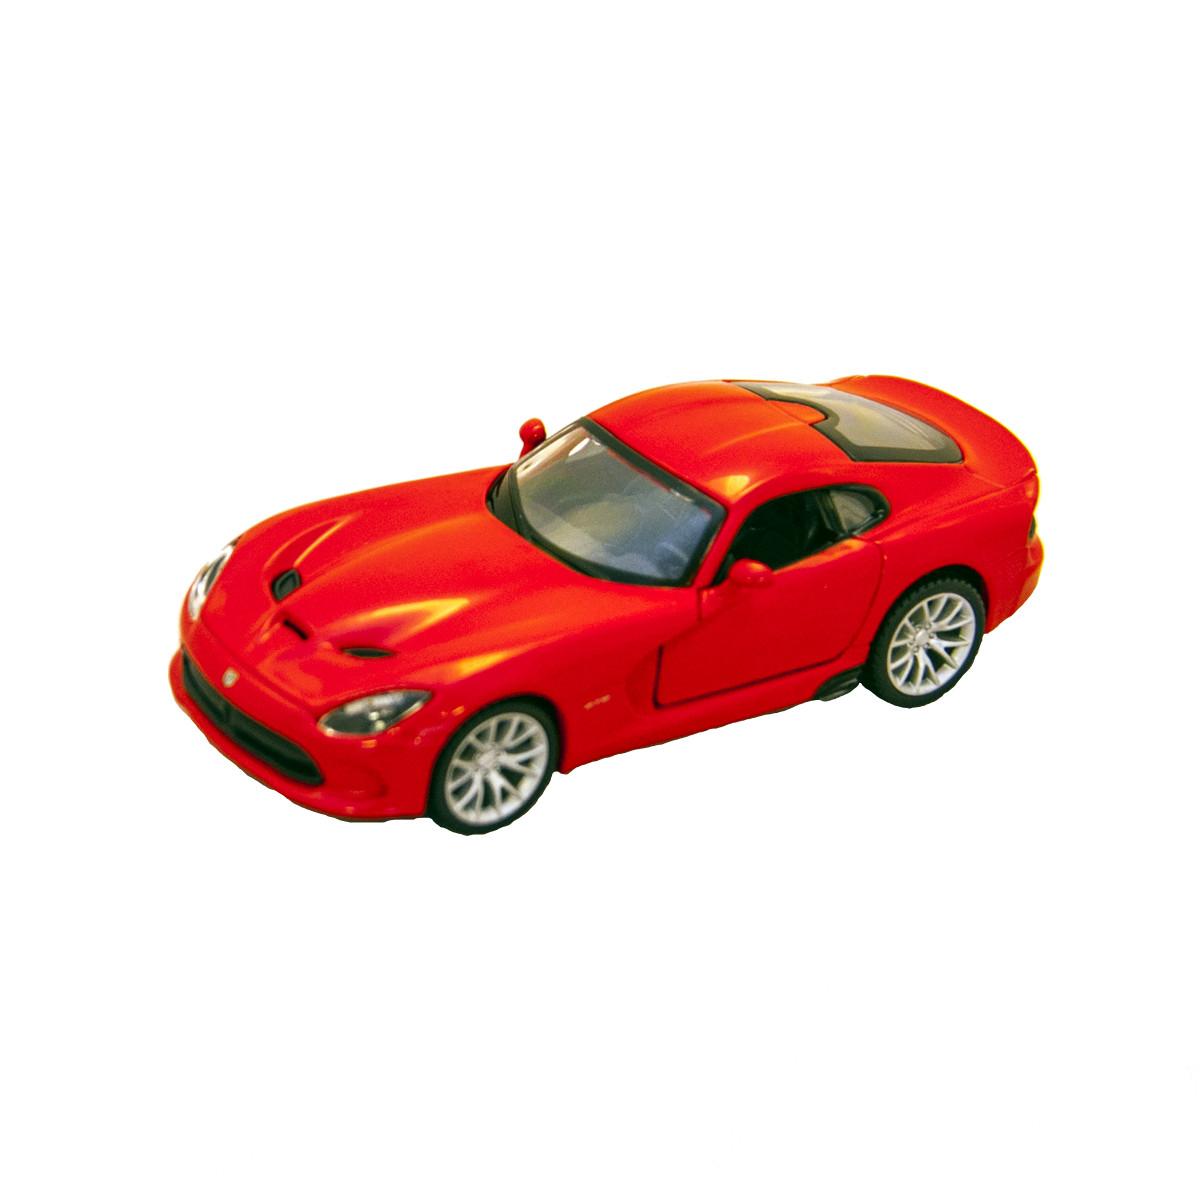 Bburago Автомодель Srt Viper Gts 2013 красный, 1:32, 18-43033